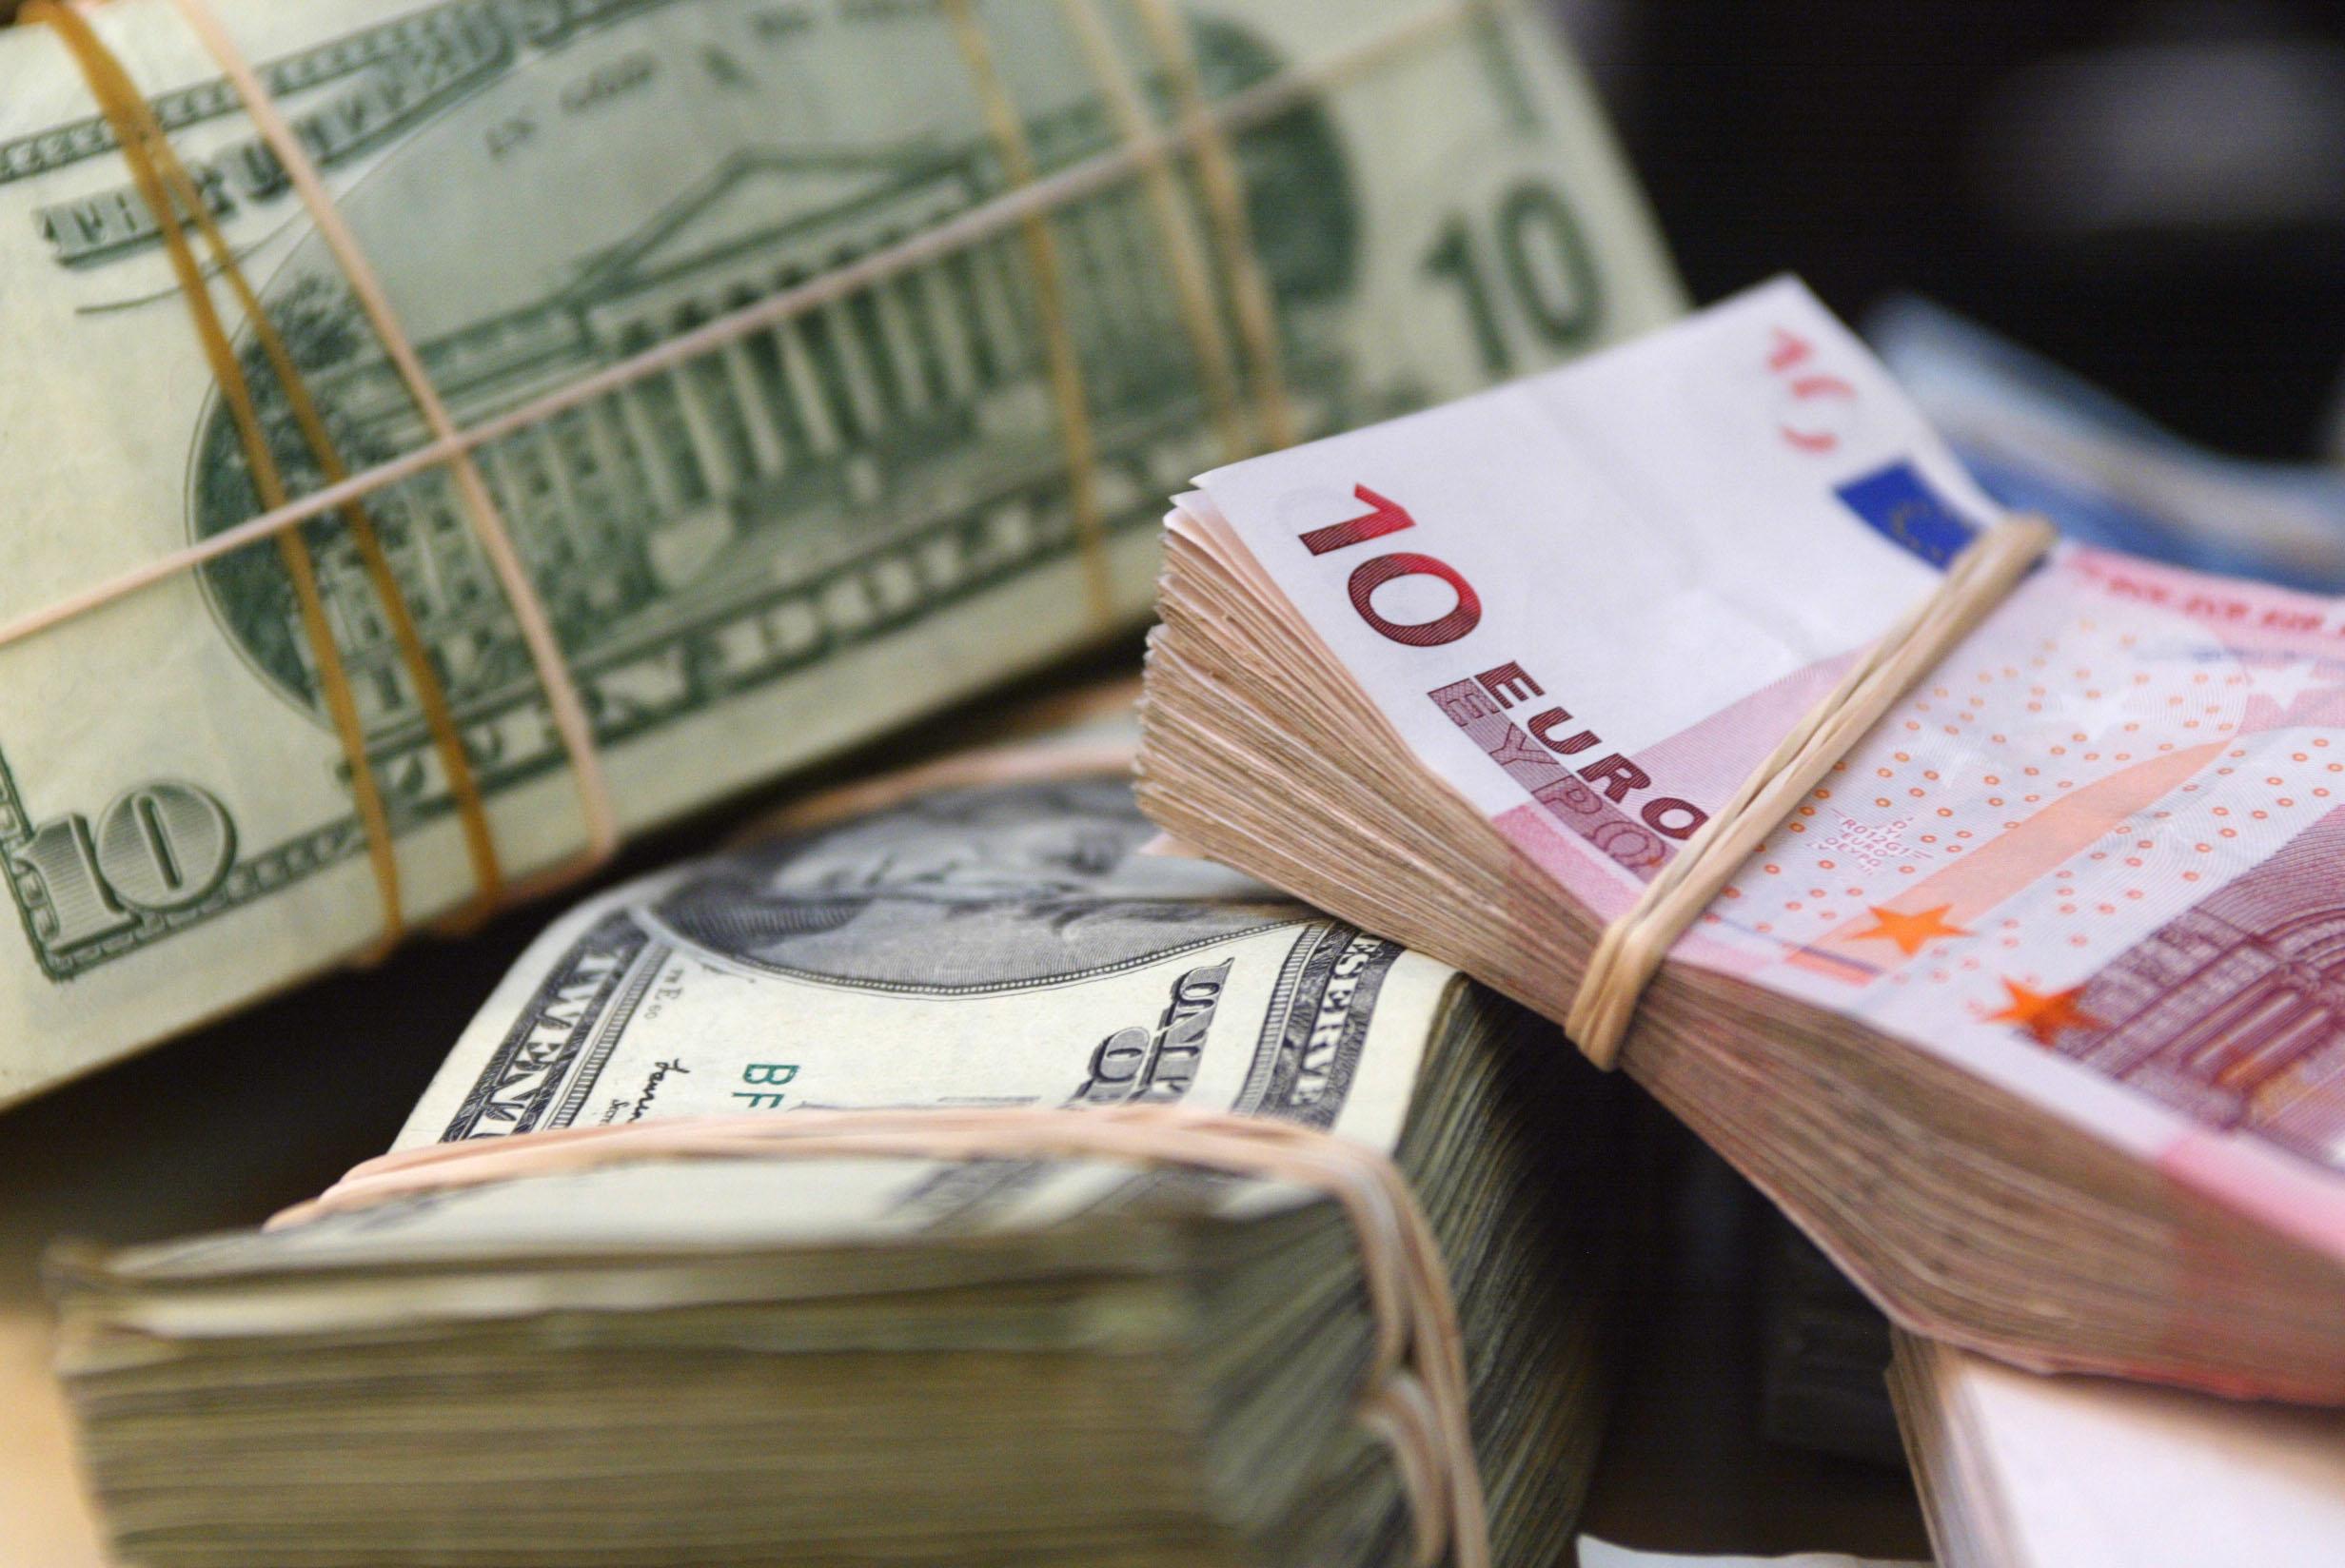 الدولار يستقر واليورو قرب أدنى مستوى فى 4 أسابيع بعد إعلان المركزى الأوروبى